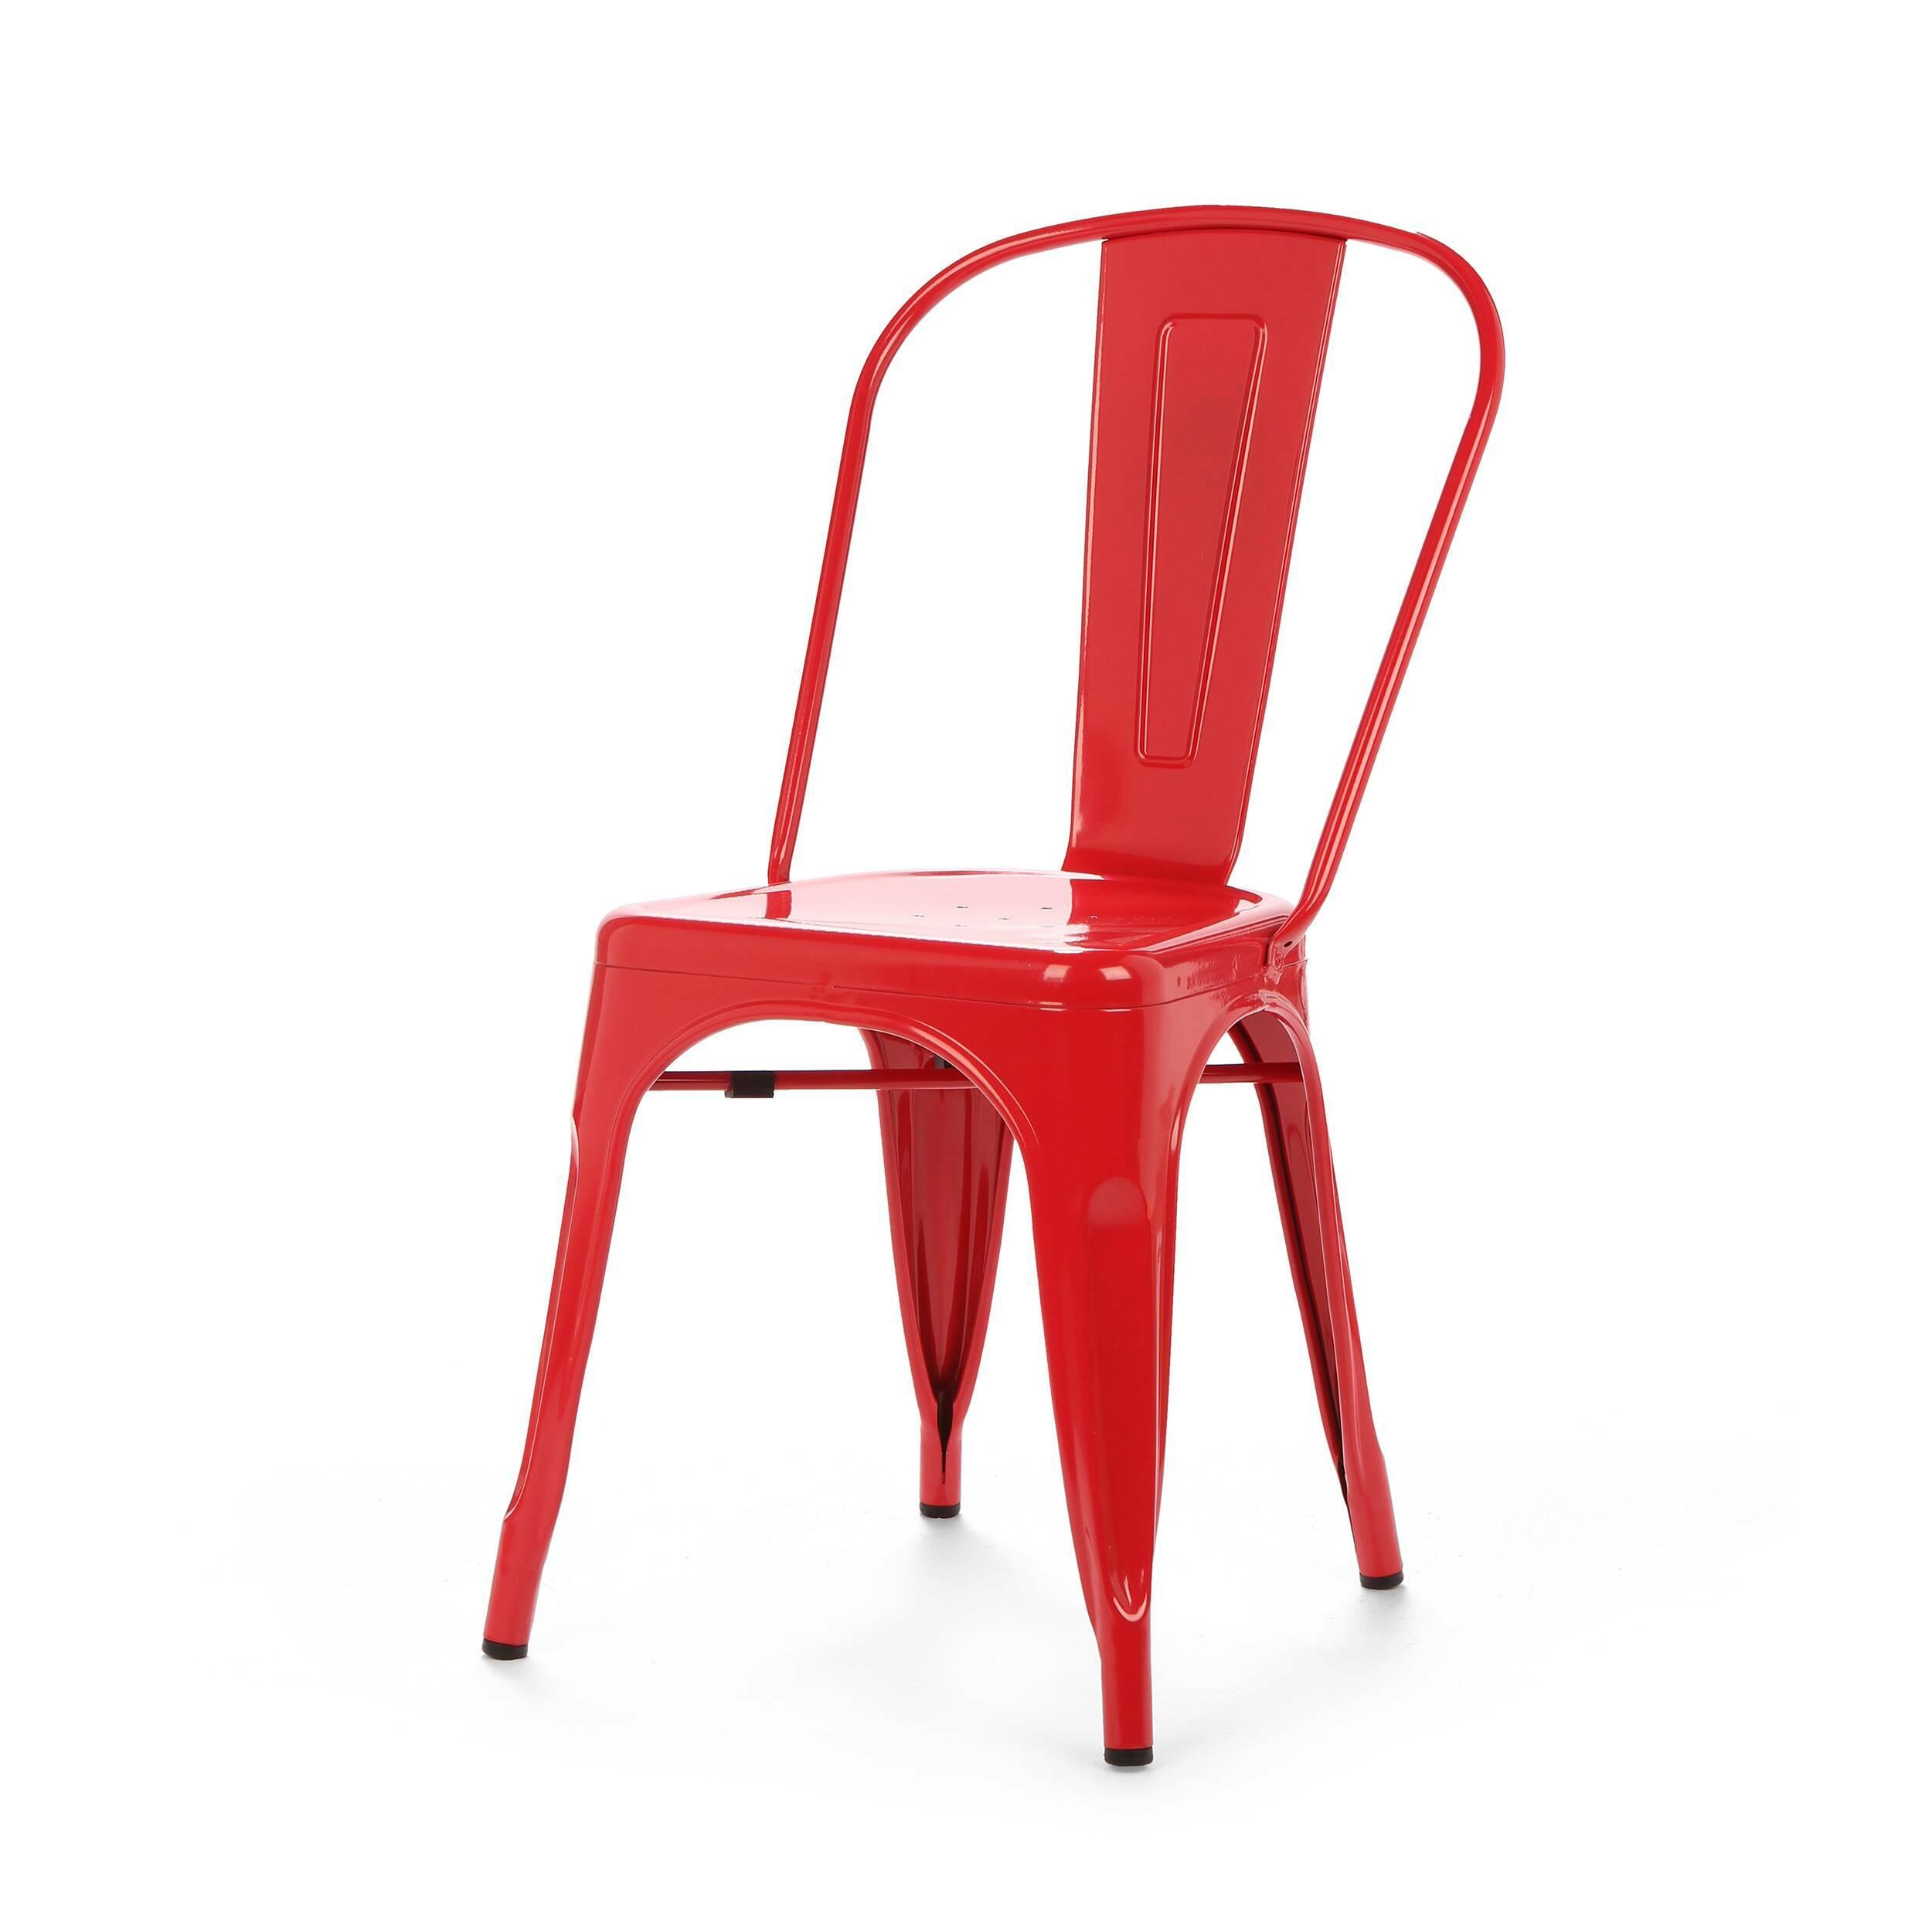 Стул Marais ColorИнтерьерные<br>Дизайнерский яркий однотонный стул Marais Color (Мэрейс Колор) из стали без подлокотников от Cosmo (Космо).<br>Яркий дизайн стула Marais Color непременно понравится вам и вашей семье. Насыщенные цвета задали положительный тон облику изделия, поэтому он невероятно актуален для декорирования гостиных, детских и кухонь в стиле лофт. Лофт — это сочетание старого (кирпичные, отштукатуренные или крашеные стены, дощатый пол) и нового (стекло, металл, ультрасовременная бытовая техника).<br><br>     Примеча...<br><br>stock: 0<br>Высота: 84,5<br>Высота сиденья: 46<br>Ширина: 53<br>Глубина: 45<br>Тип материала каркаса: Сталь<br>Цвет каркаса: Красный